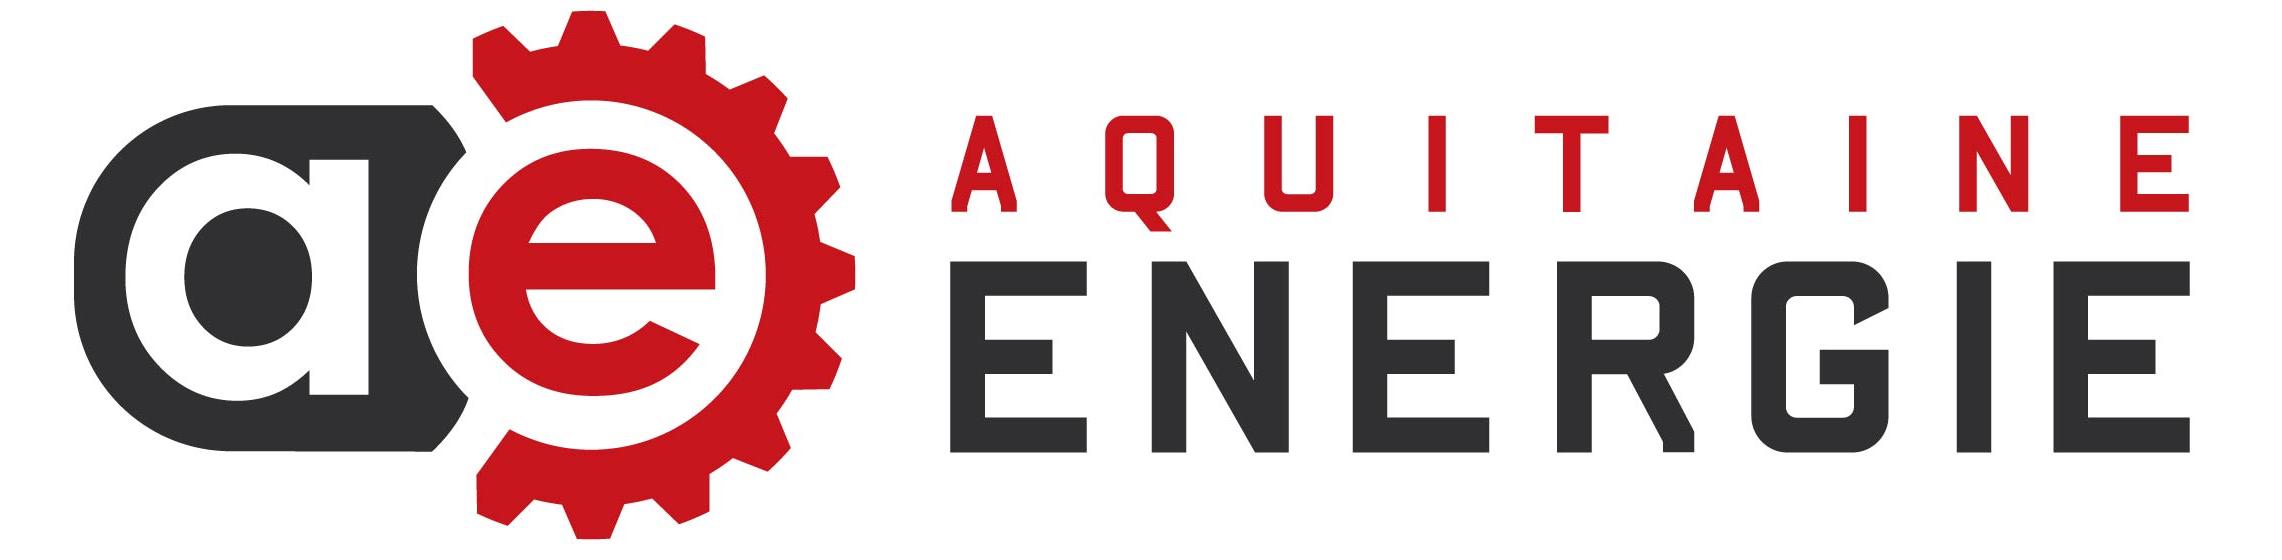 AQUITAINE ENERGIE